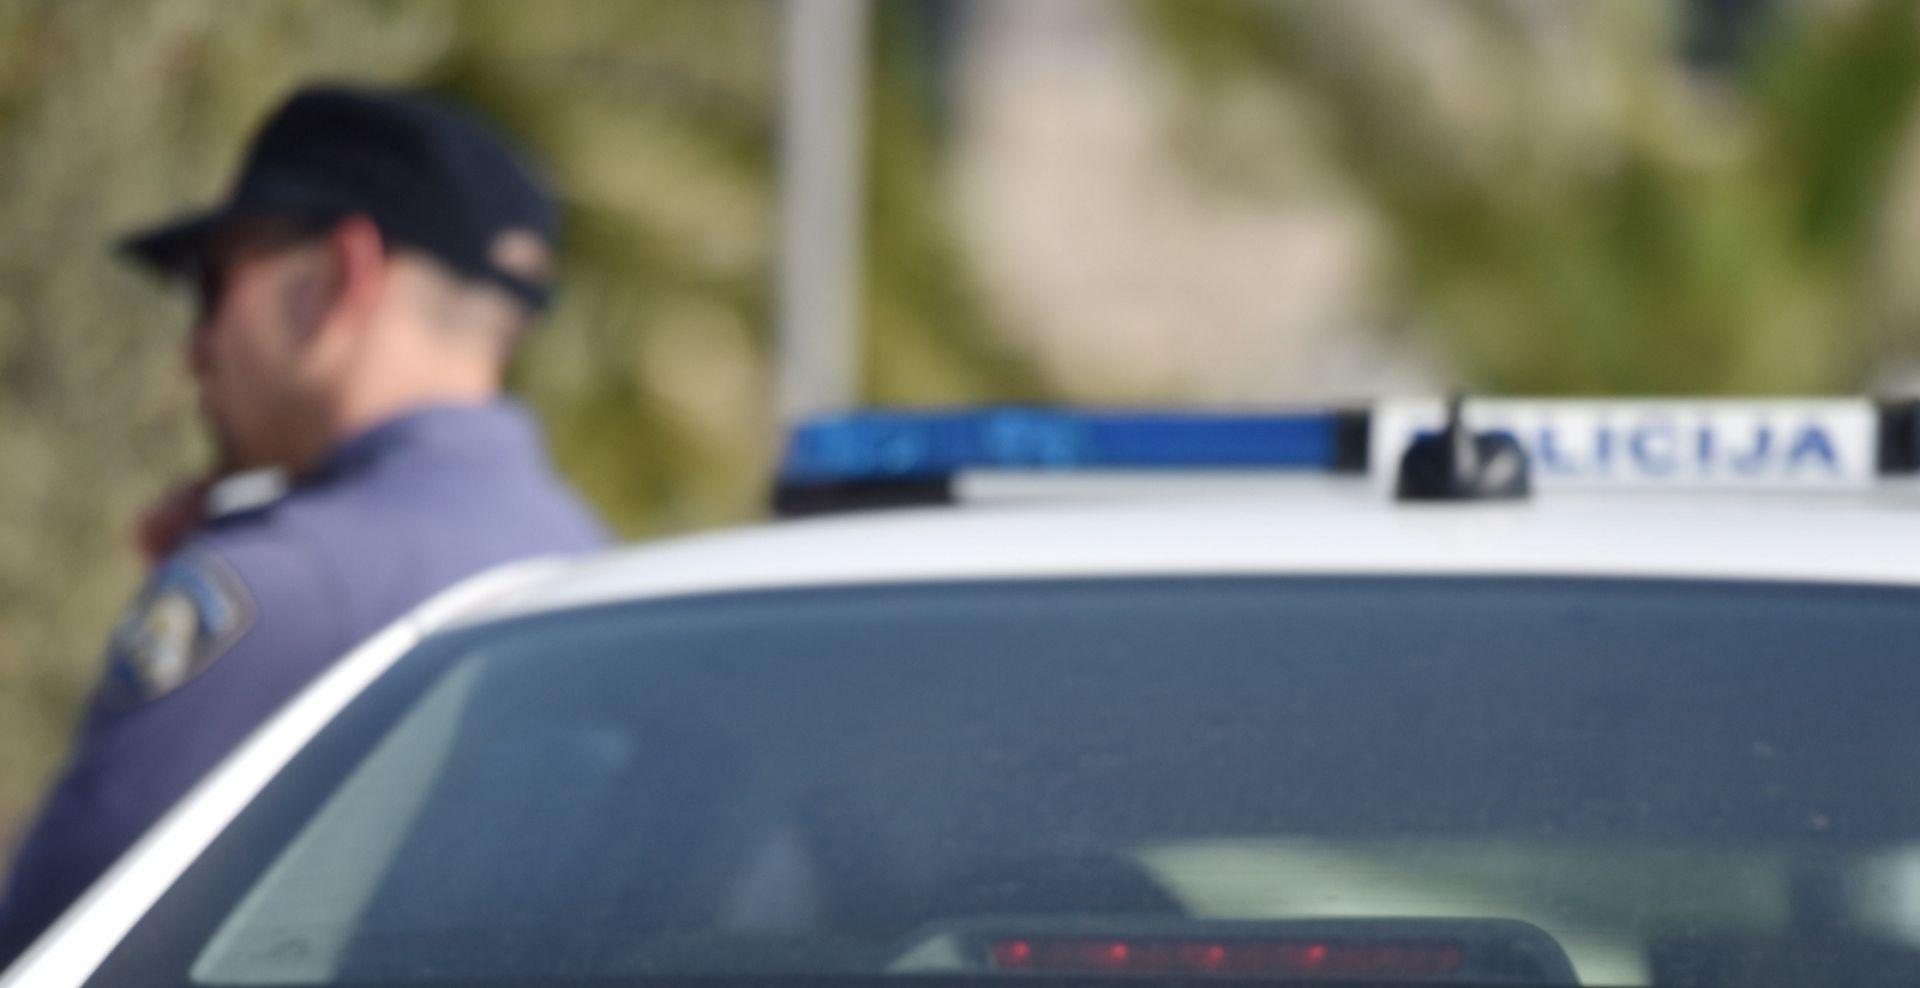 Teška nesreća na A3, jedna osoba poginula, prekinut promet prema Zagrebu